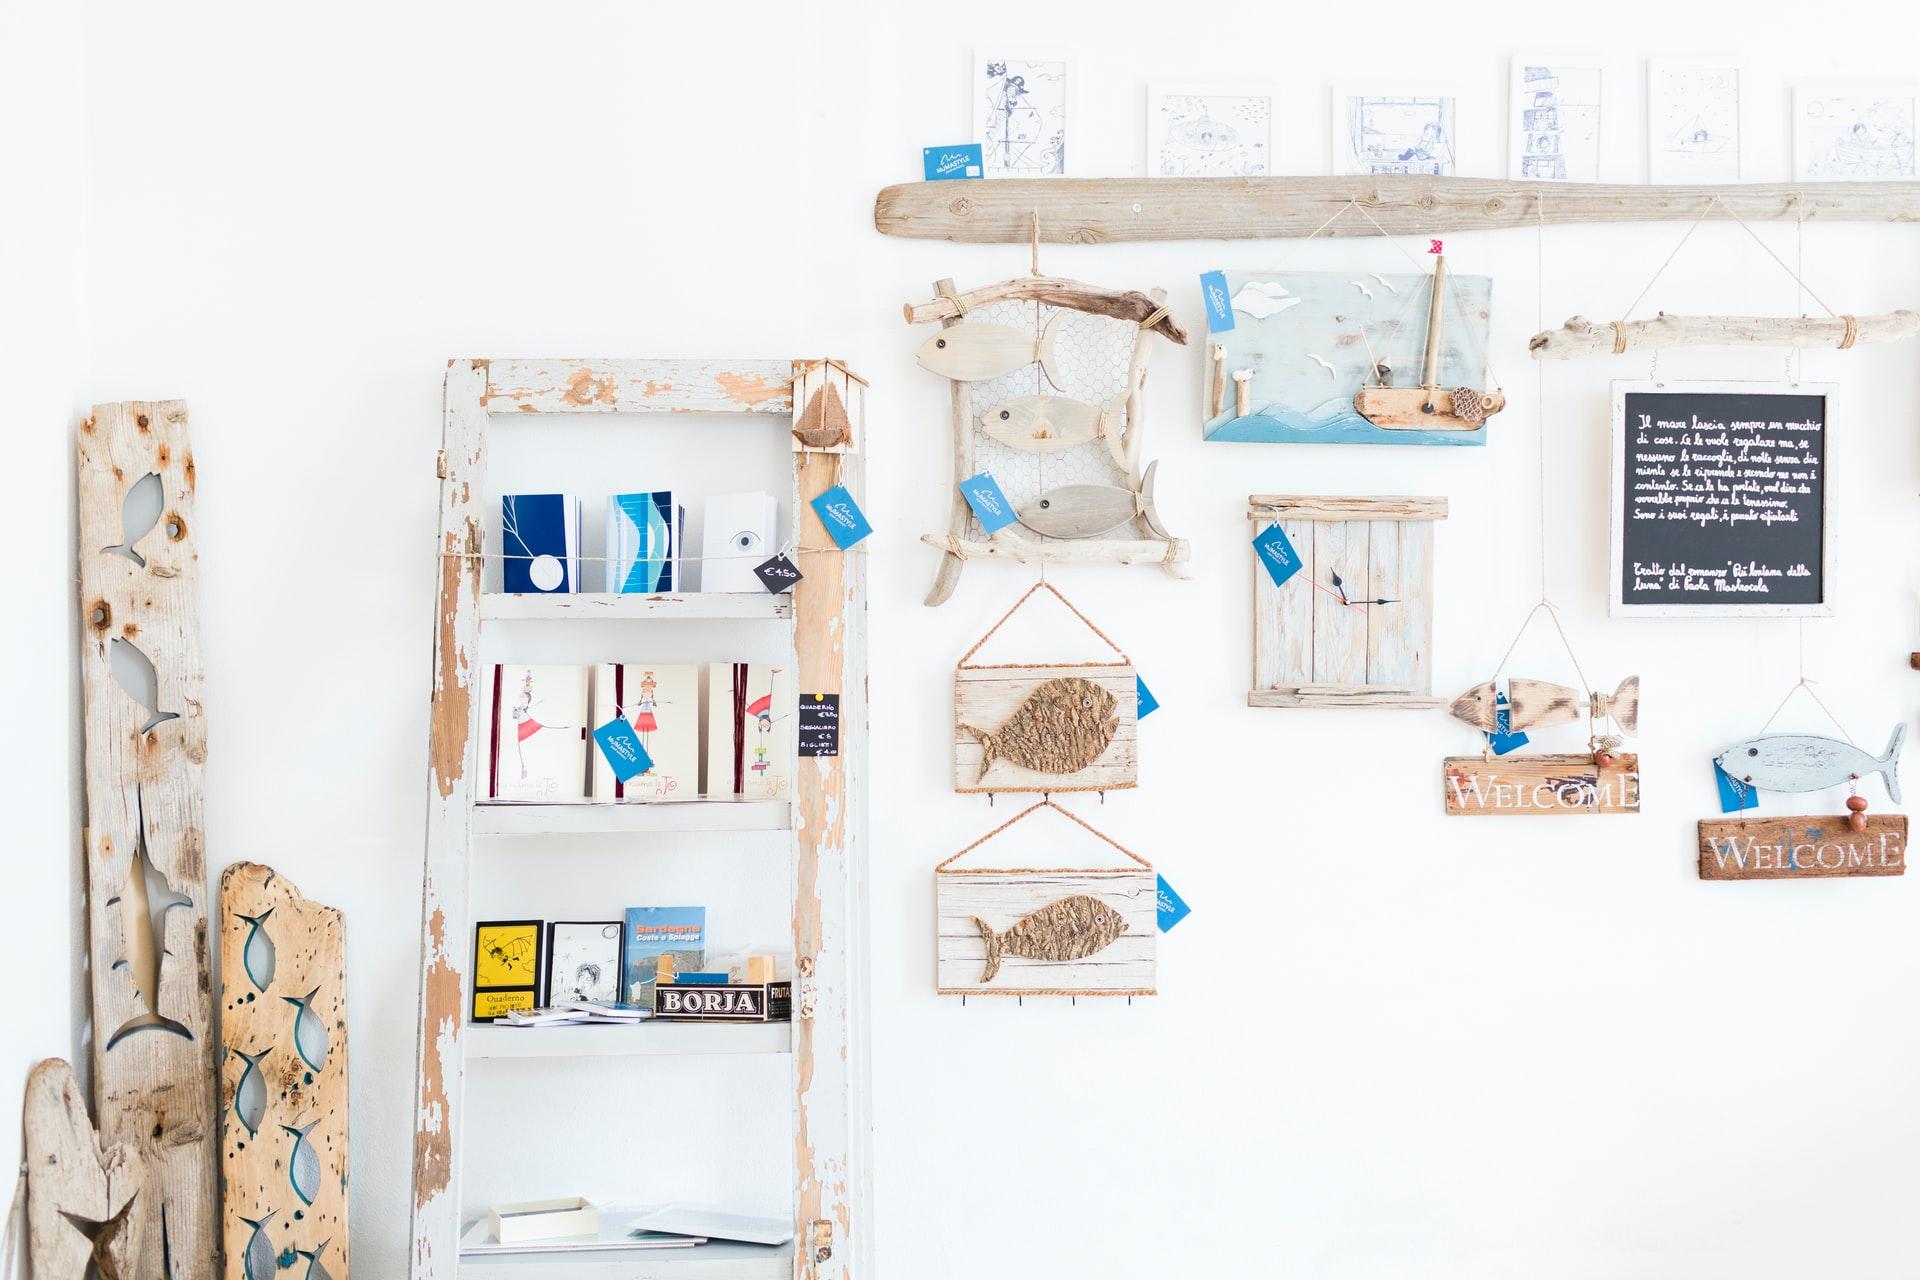 壁に飾られたDIY家具や小物